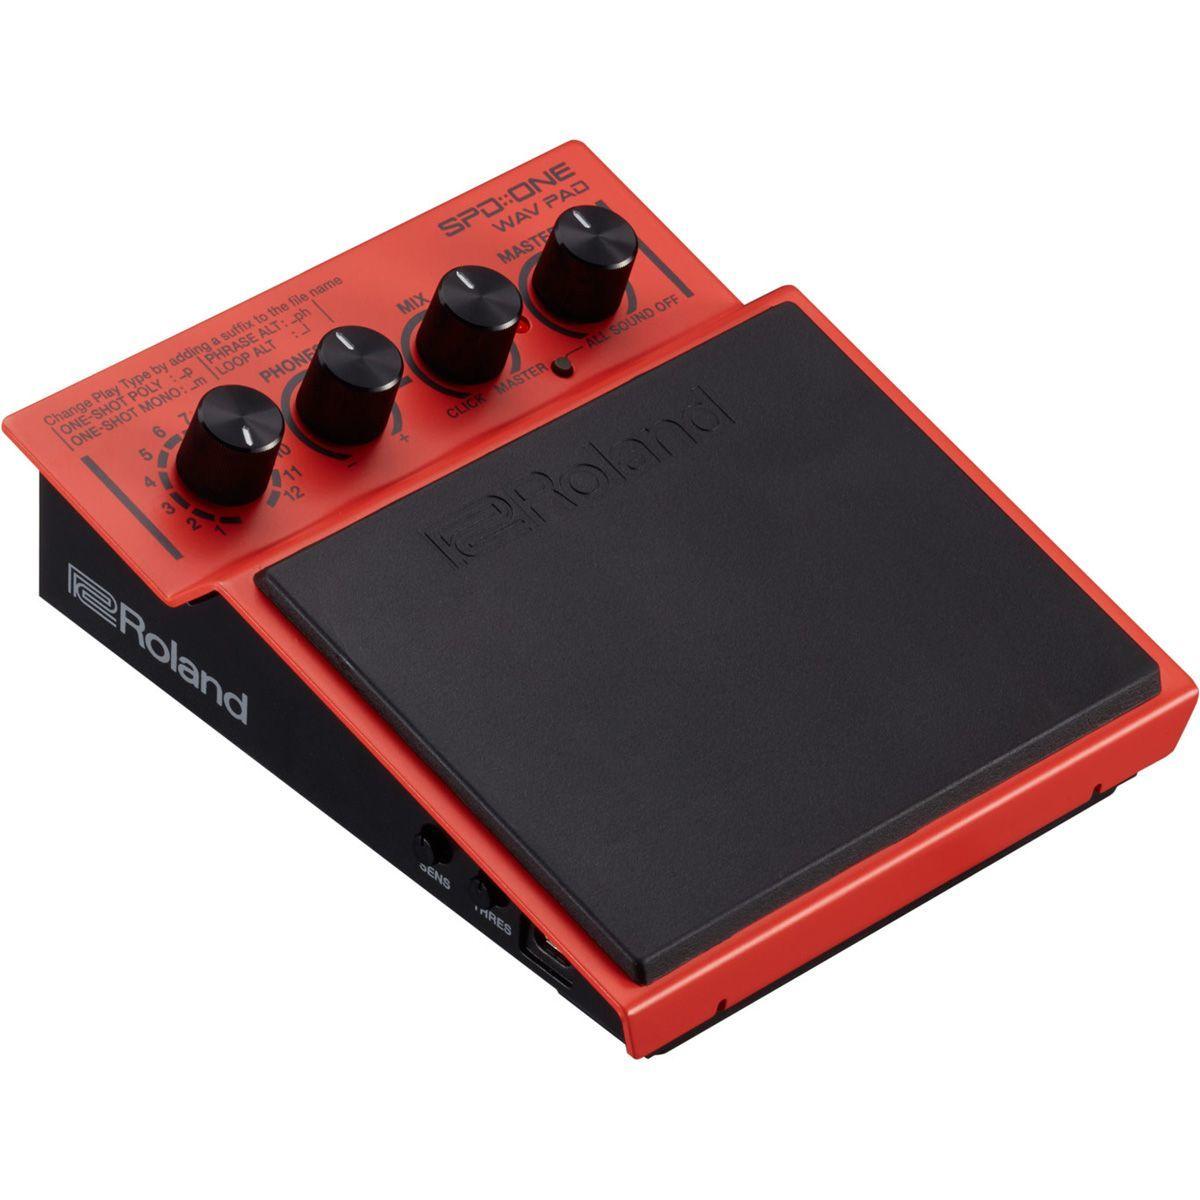 ローランド、世界中の打楽器の音色を演奏できる電子パーカッション「PD::ONEシリーズ」